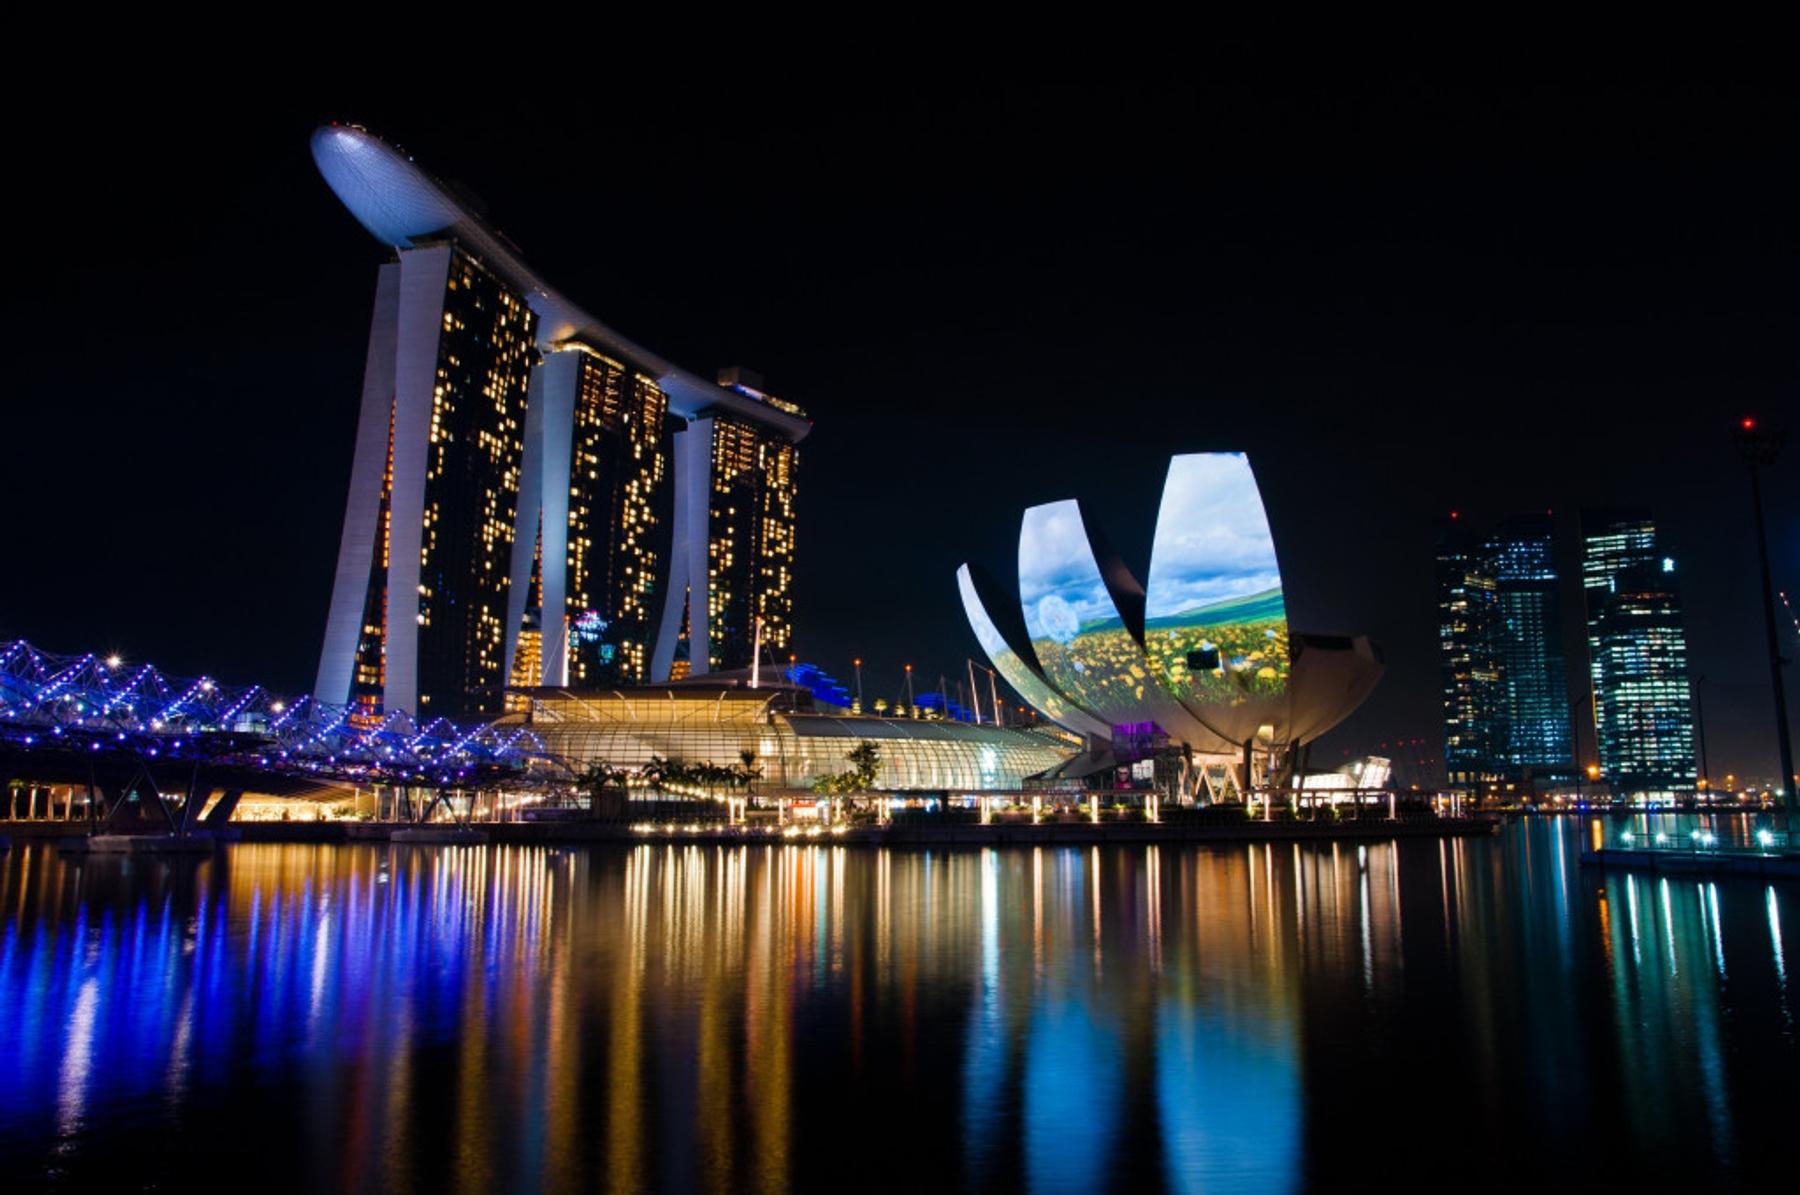 Blick auf das Marina Bay Sands Hotel in Singapur